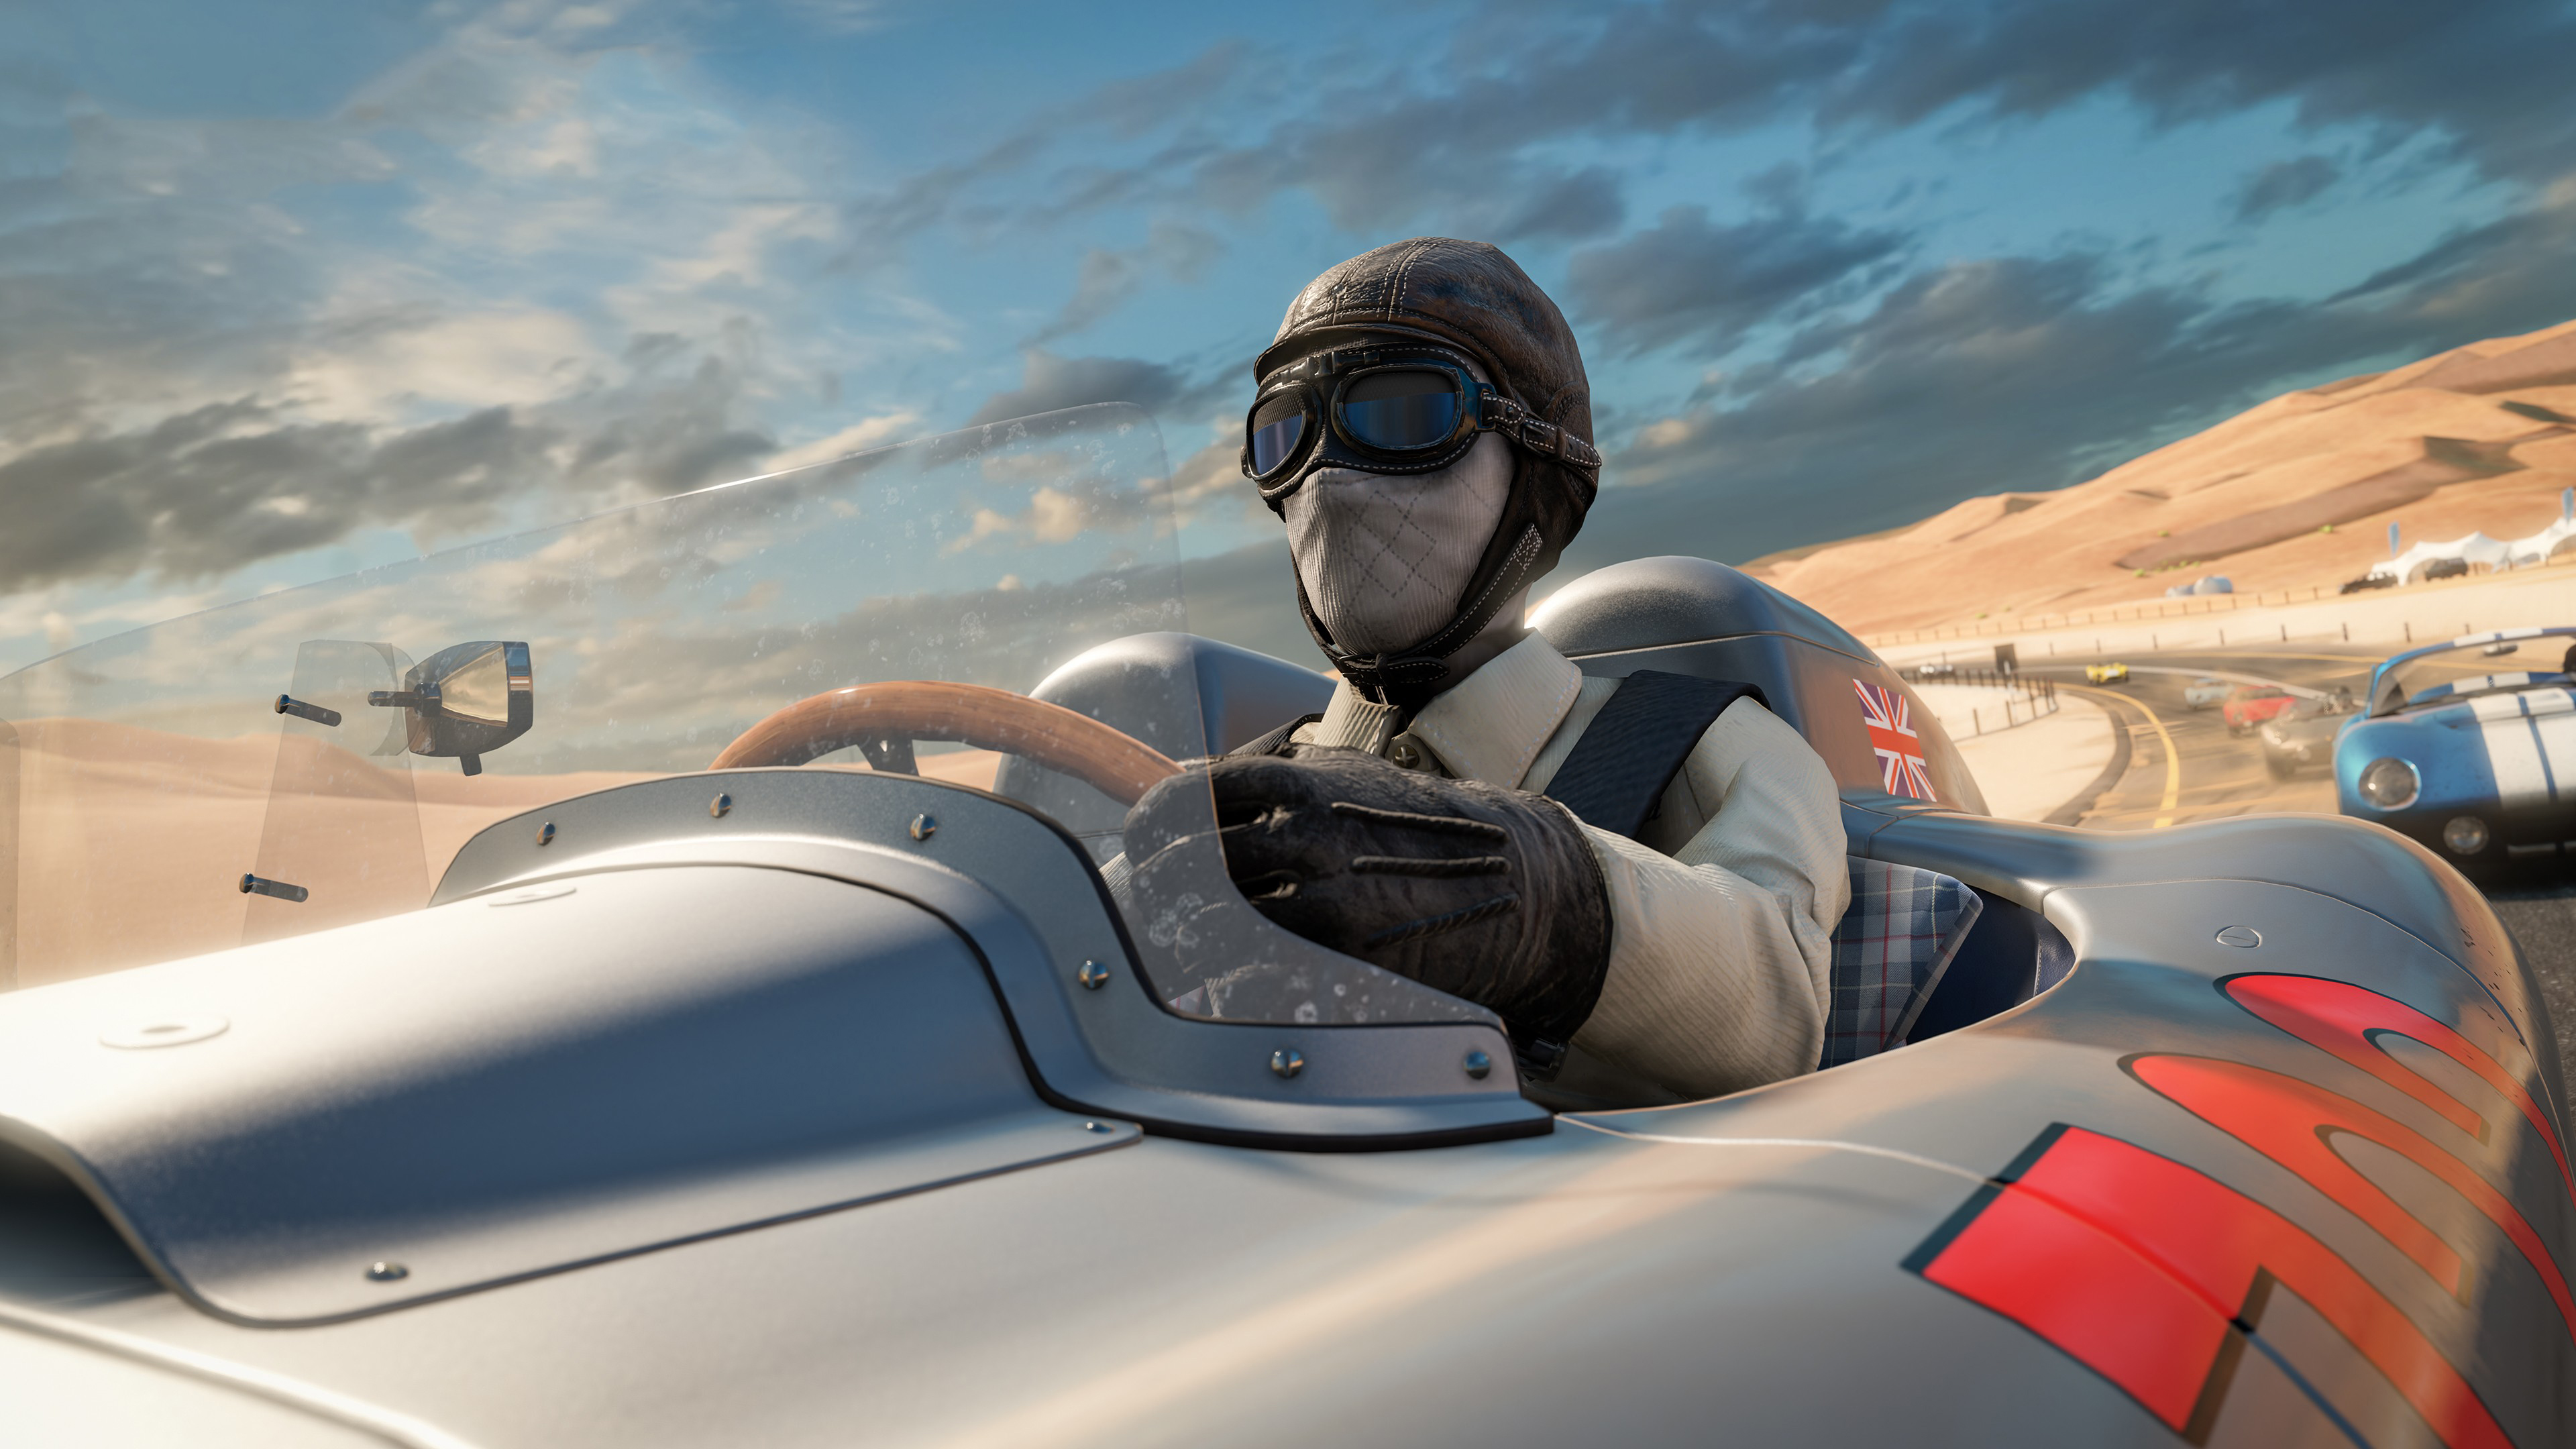 《极限竞速7》预载出错官方忙致歉 玩家不买账